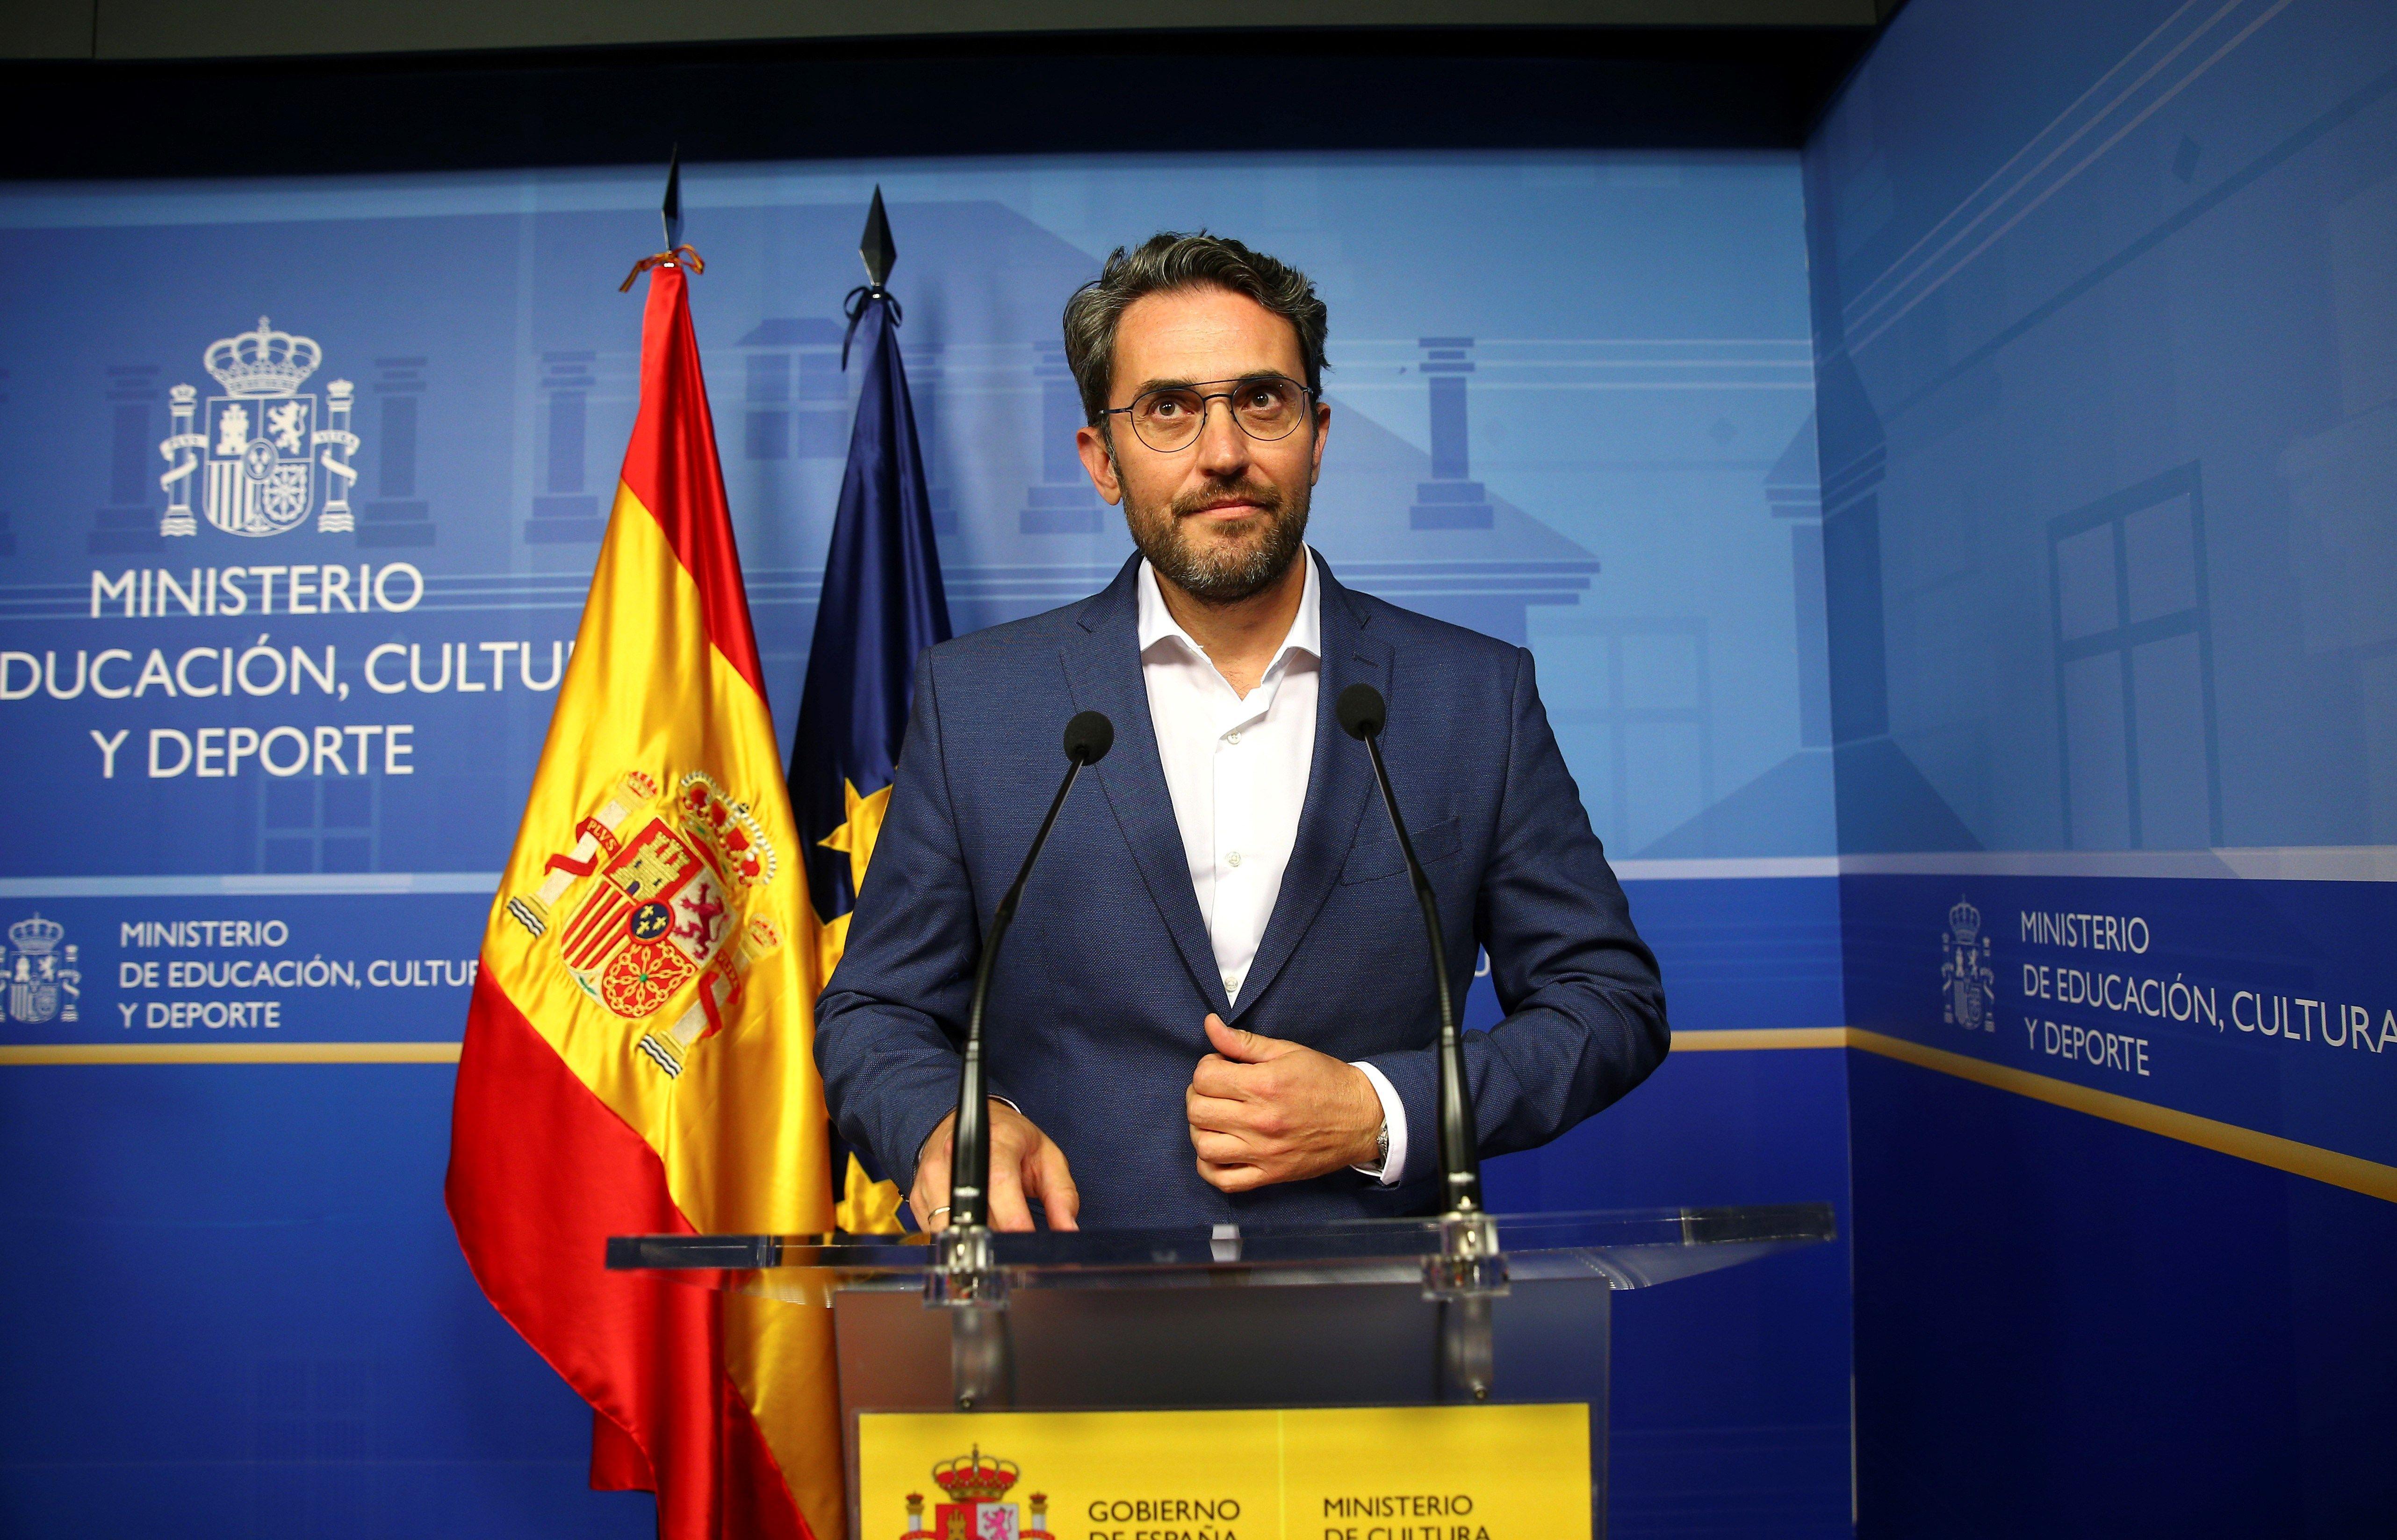 El ministro de Cultura, Máxim Huerta, anunció su dimisión durante su comparecencia en la sede del ministerio, tras conocerse que defraudó a Hacienda (Efe).